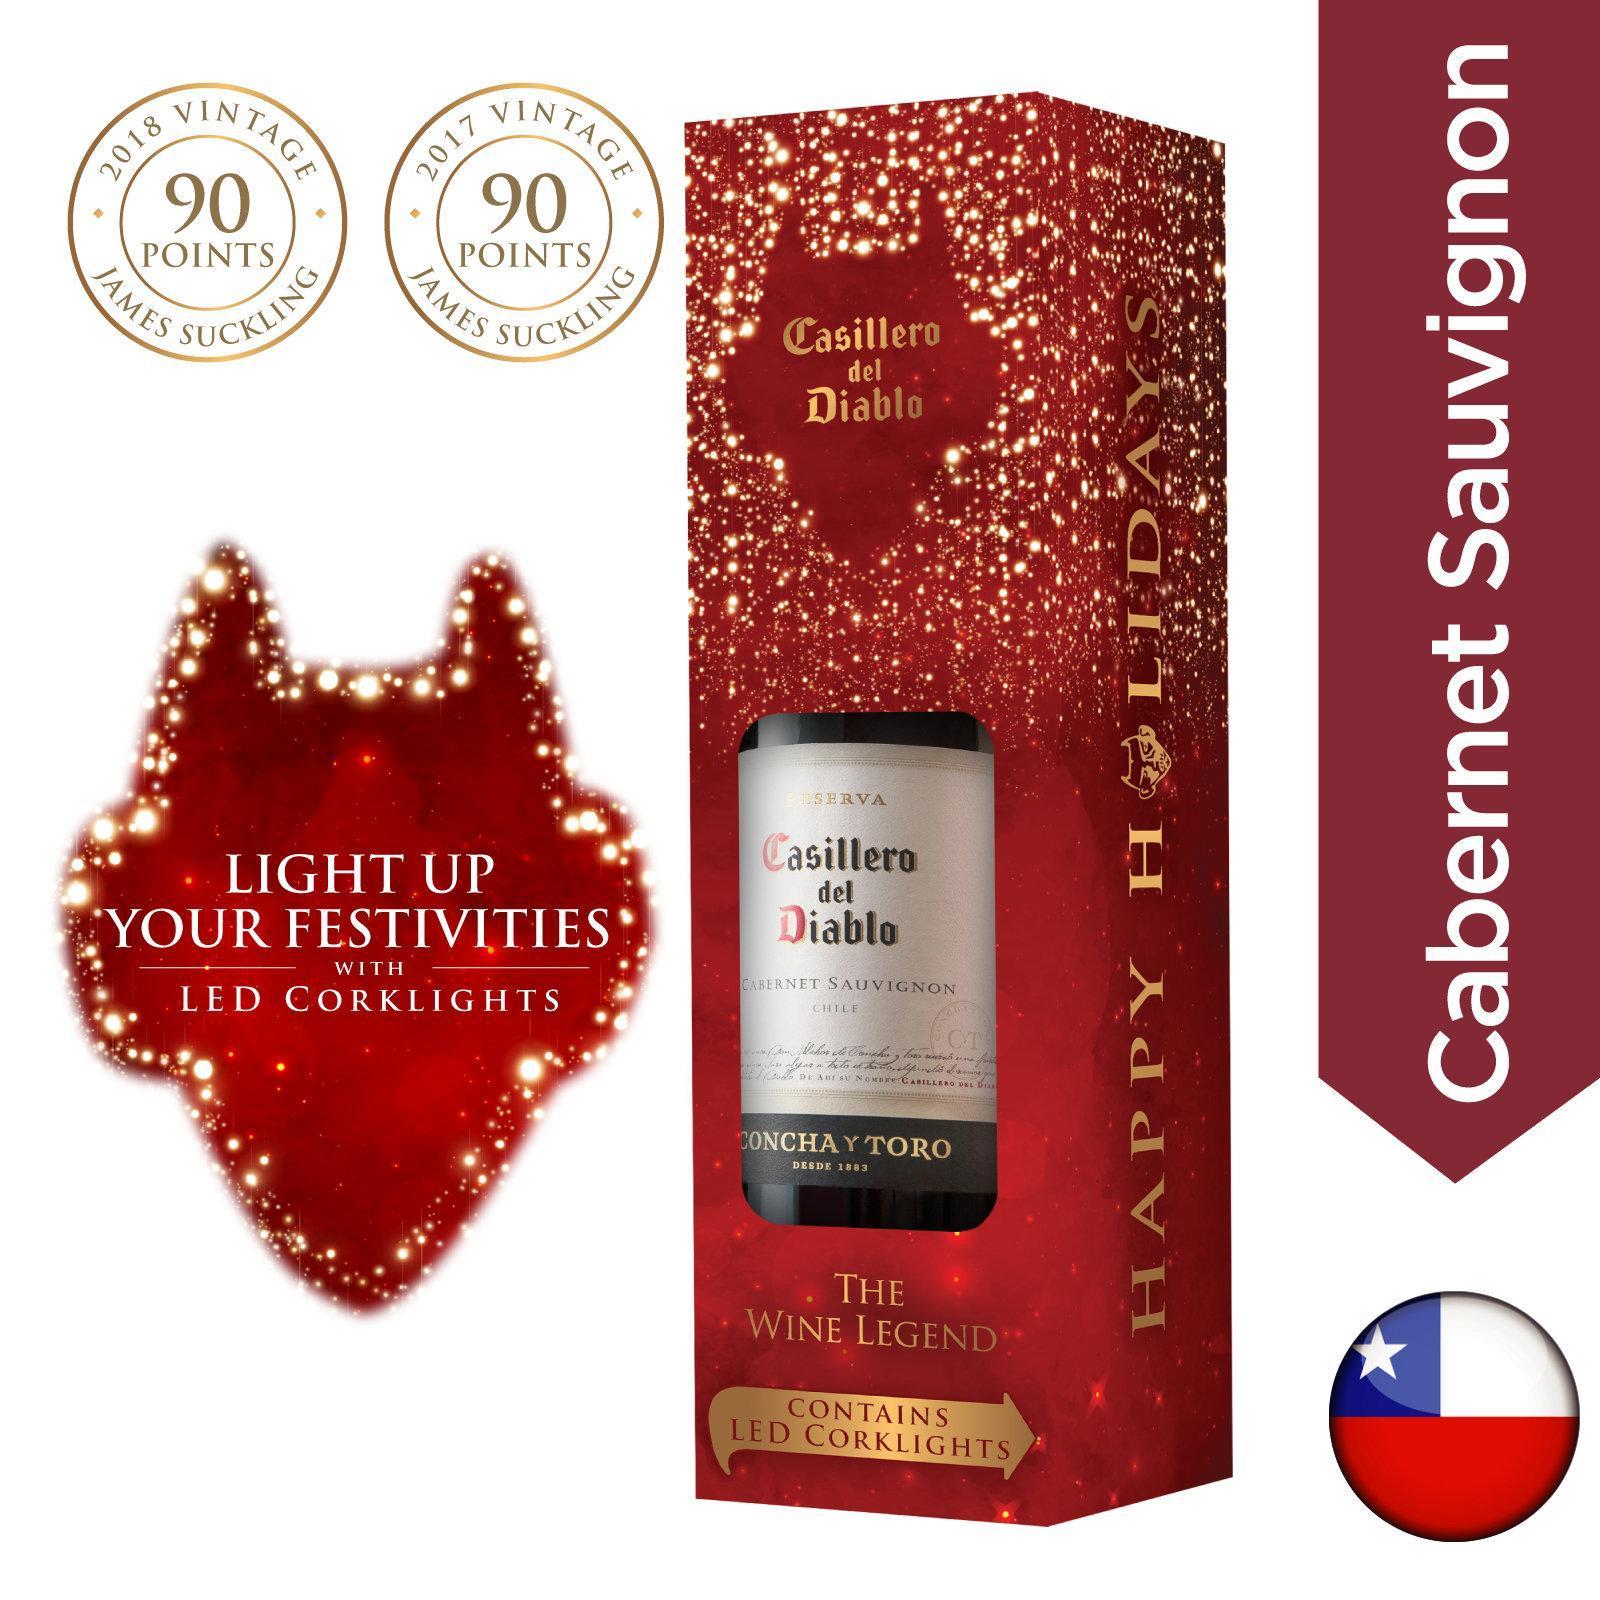 Casillero del Diablo Cabernet Sauvignon [Festive Giftpack]